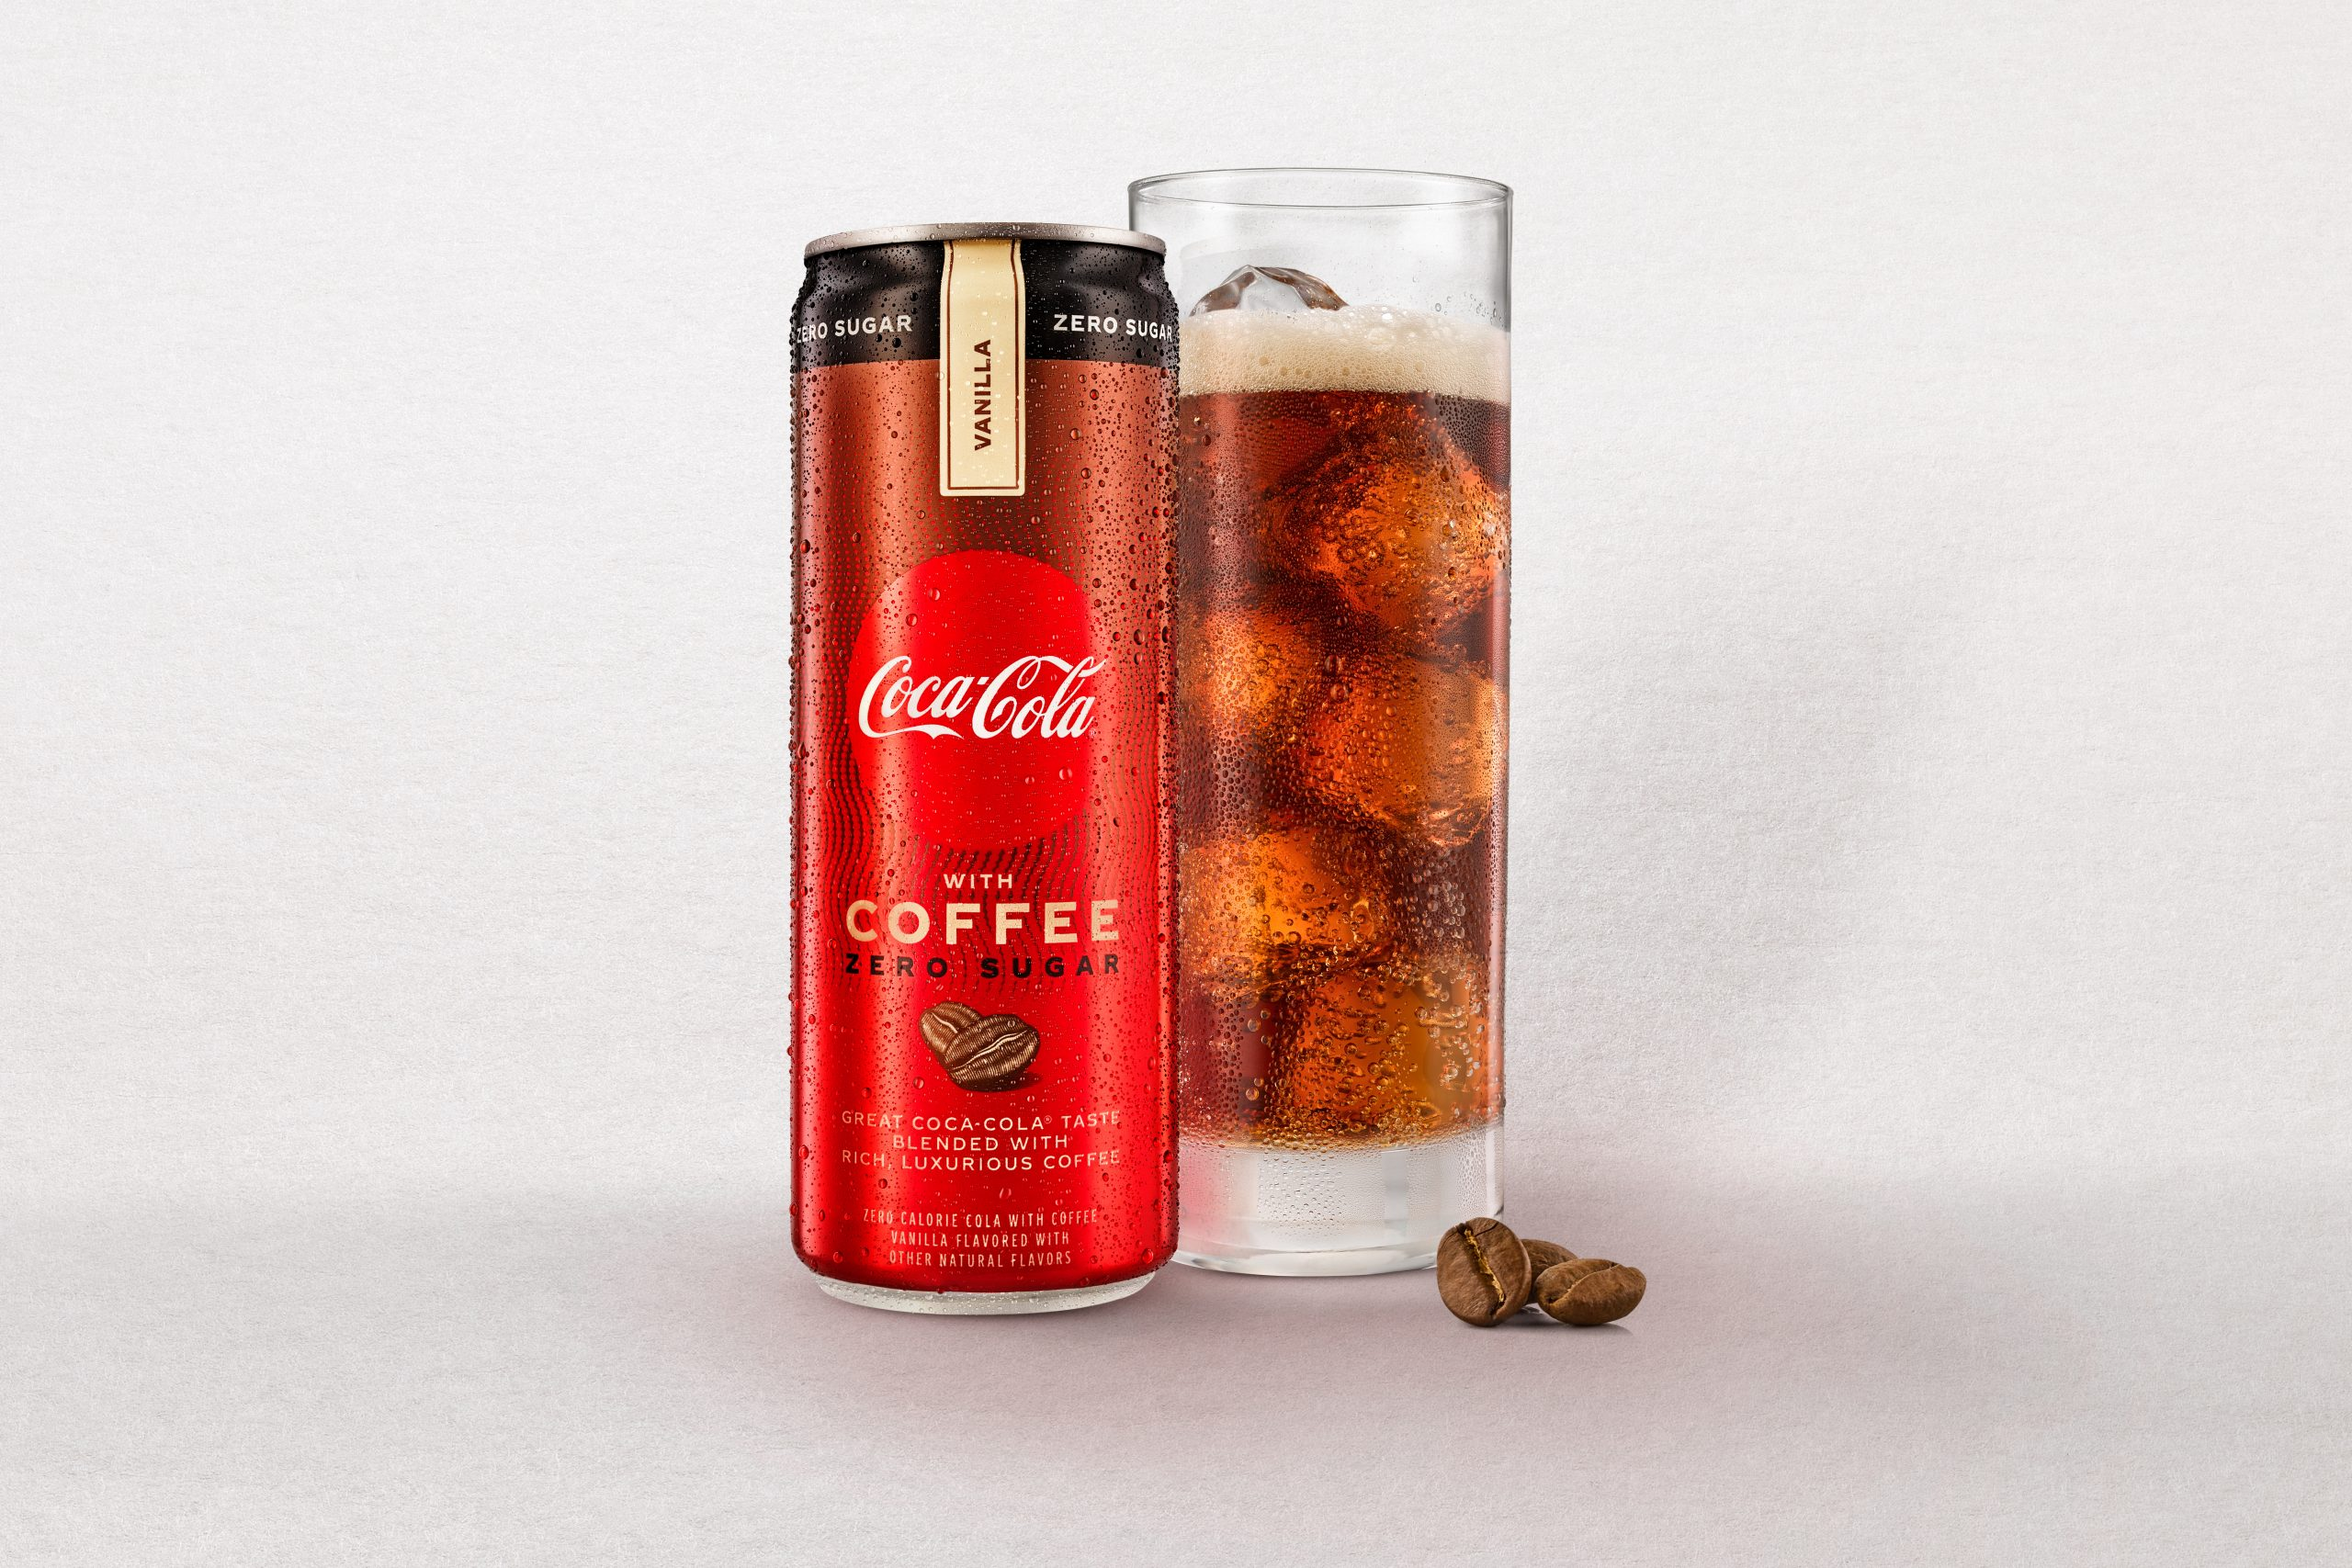 Coke's new canned coffee tastes like a Coke — until it doesn't   Washington Post